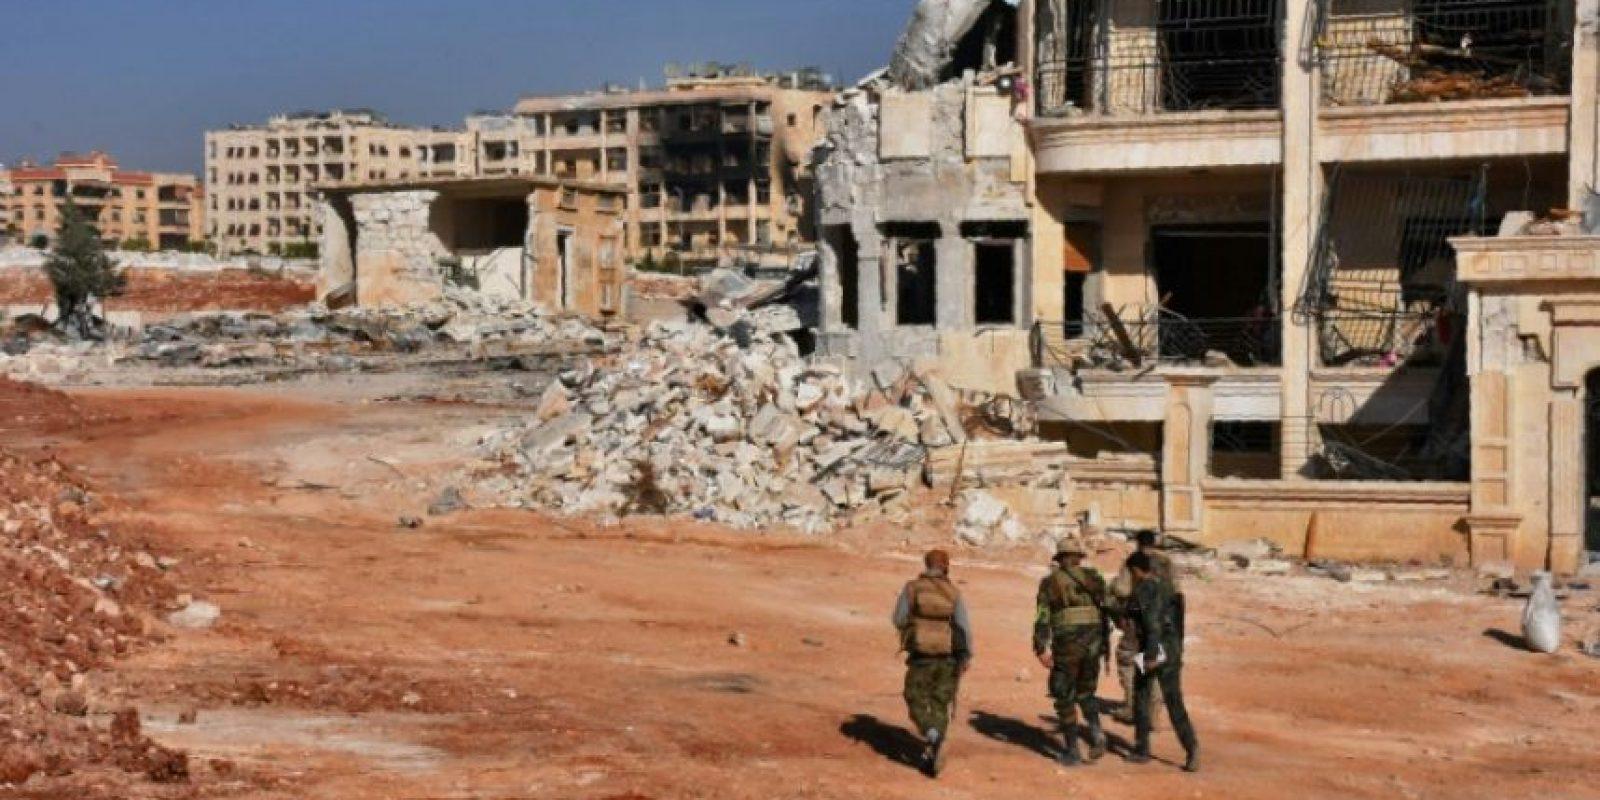 Miembros de las fuerzas progubernamentales de Siria caminan por una zona destruida en el barrio de Minyan, al oeste de Alepo, el pasado 10 de noviembre Foto:George Ourfalian/afp.com